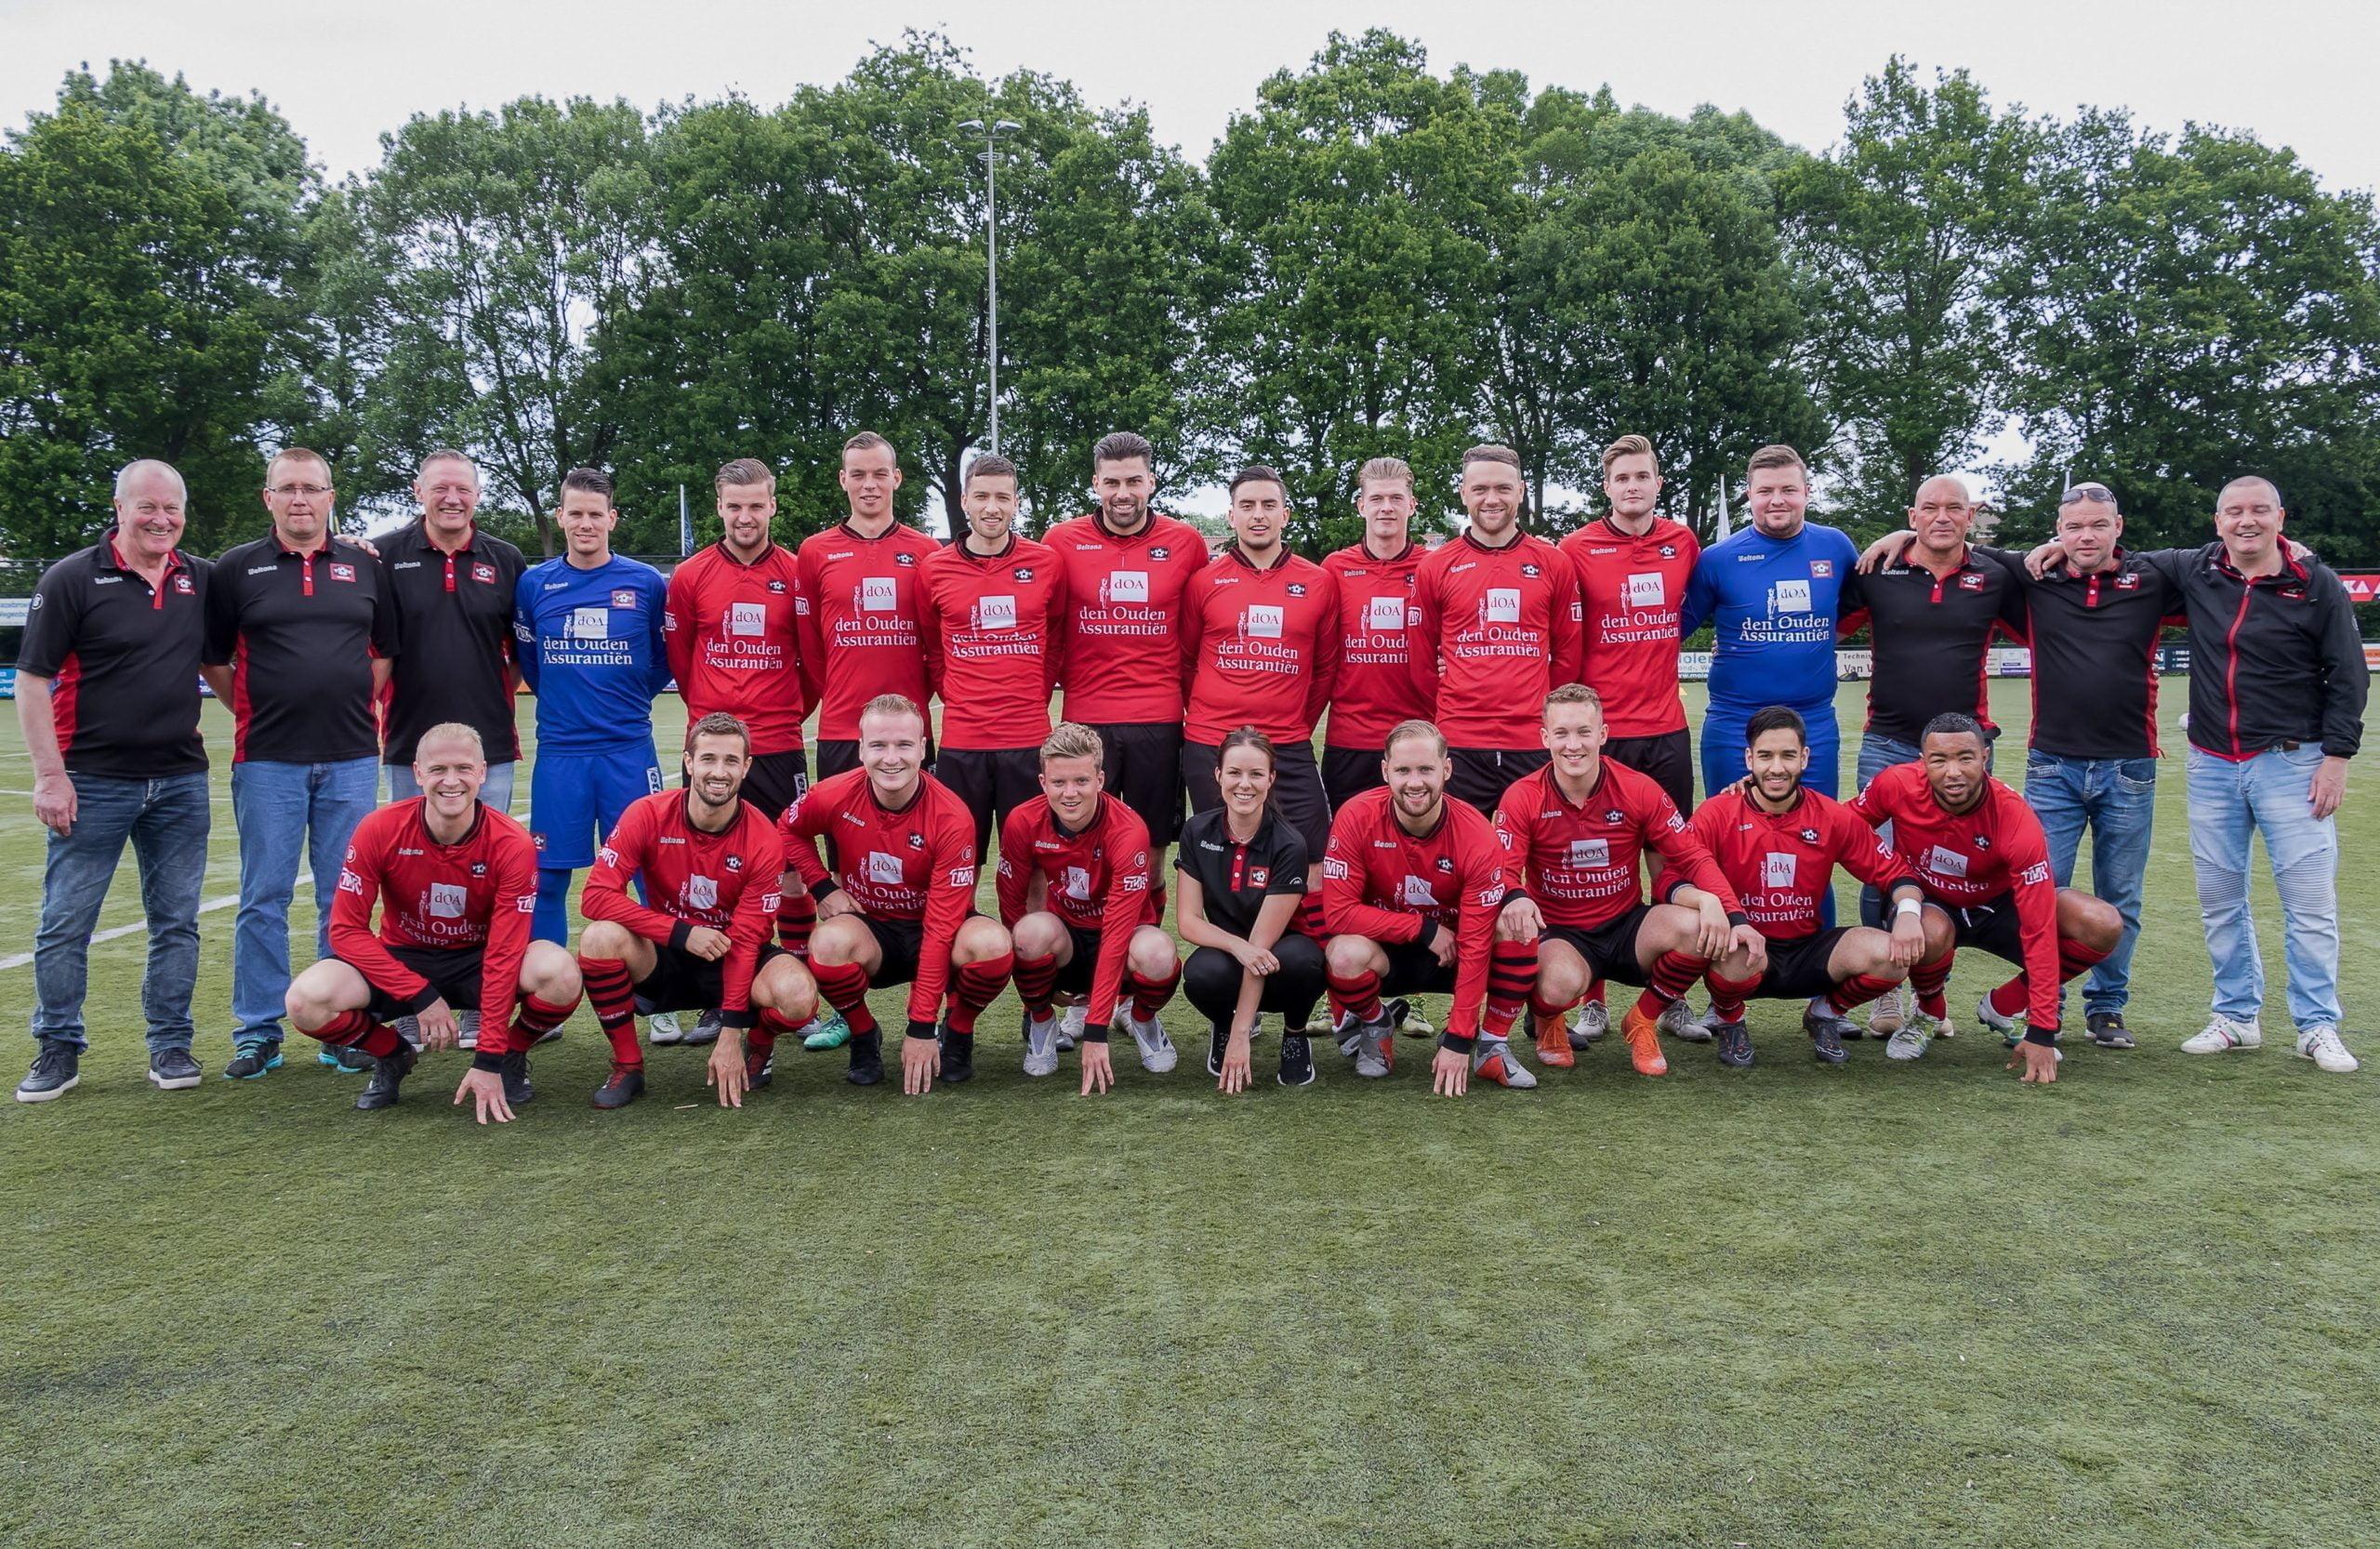 VV Nieuwerkerk 1 (Foto: Corinne Verkuil)